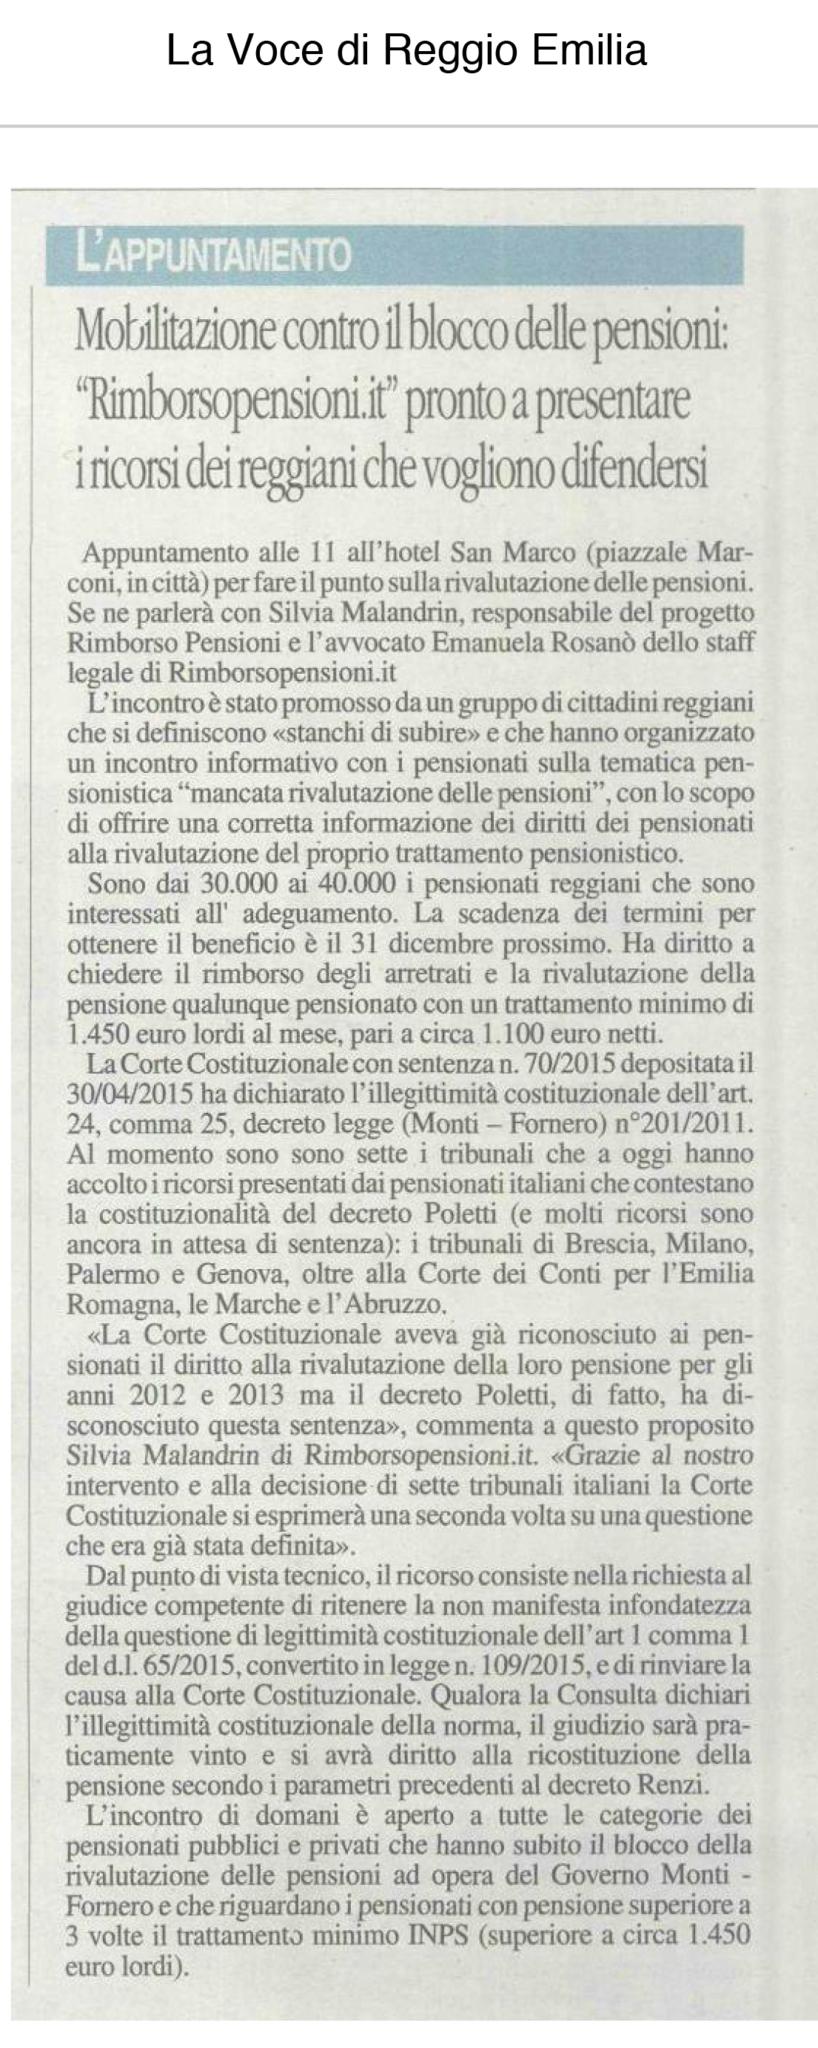 Articolo de La Voce di Reggio